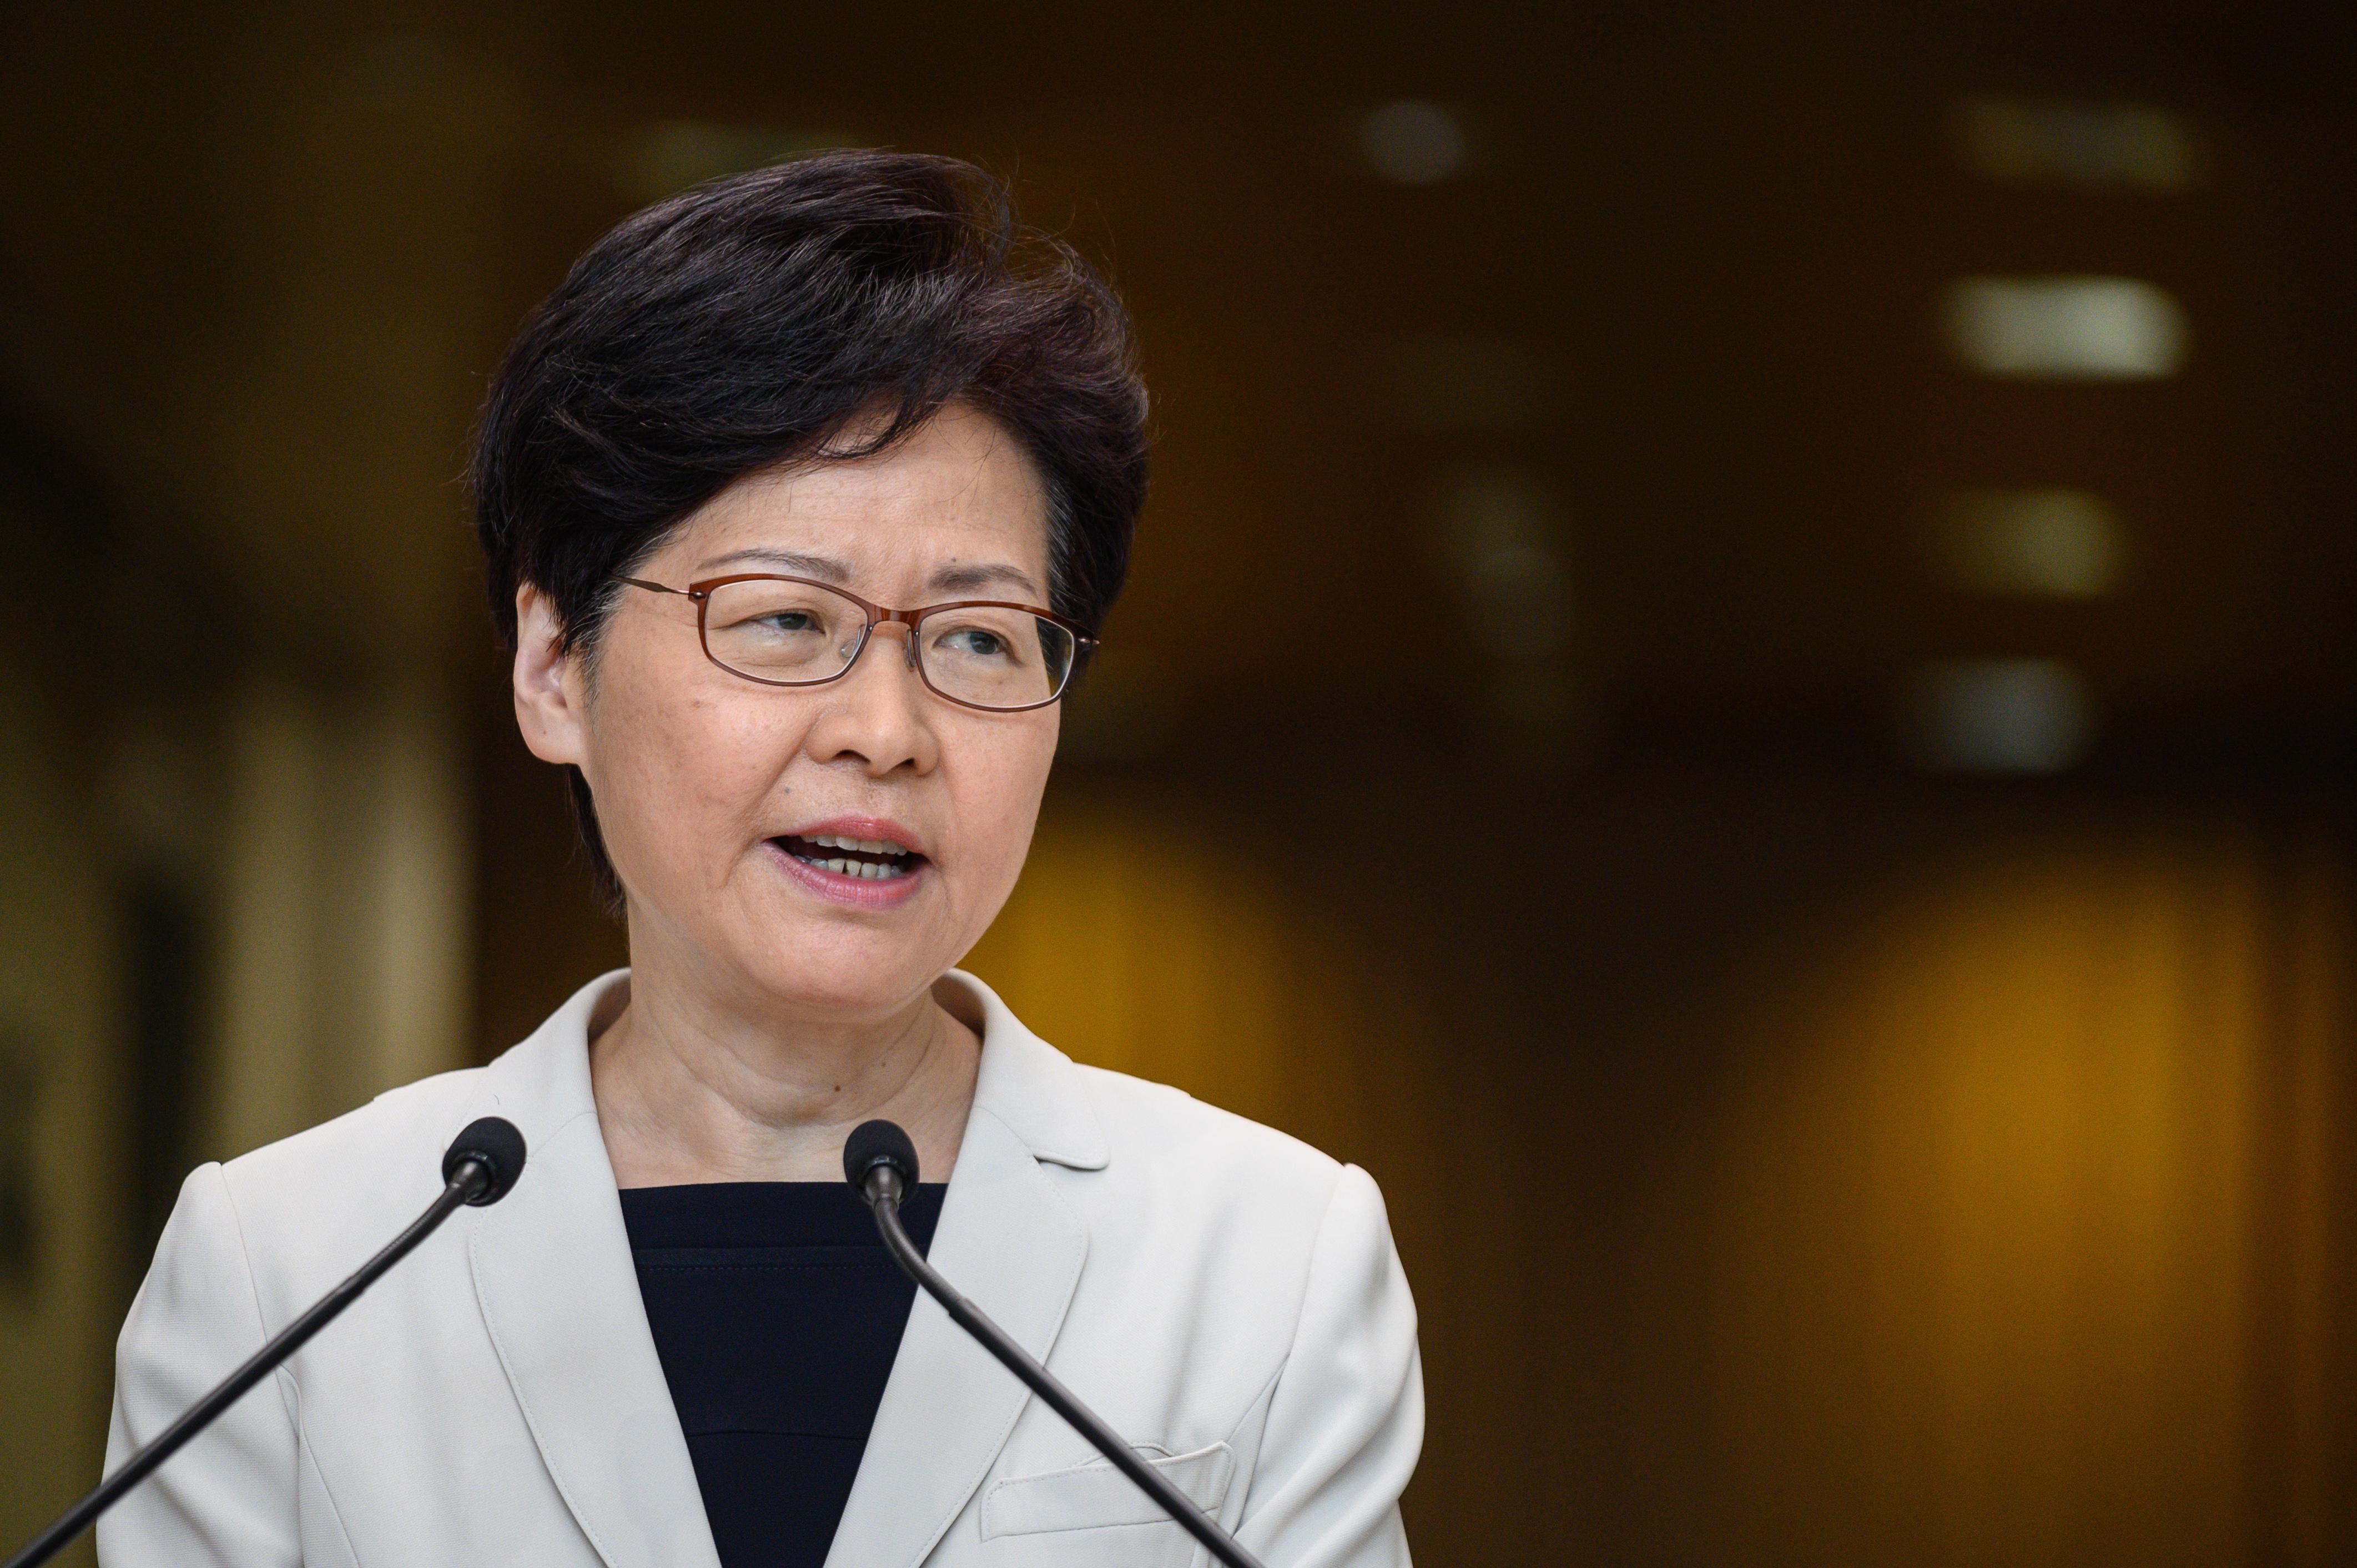 Hongkong kormányzója egy hangfelvétel szerint arról beszélt, hogy lemondana, ha lenne választása